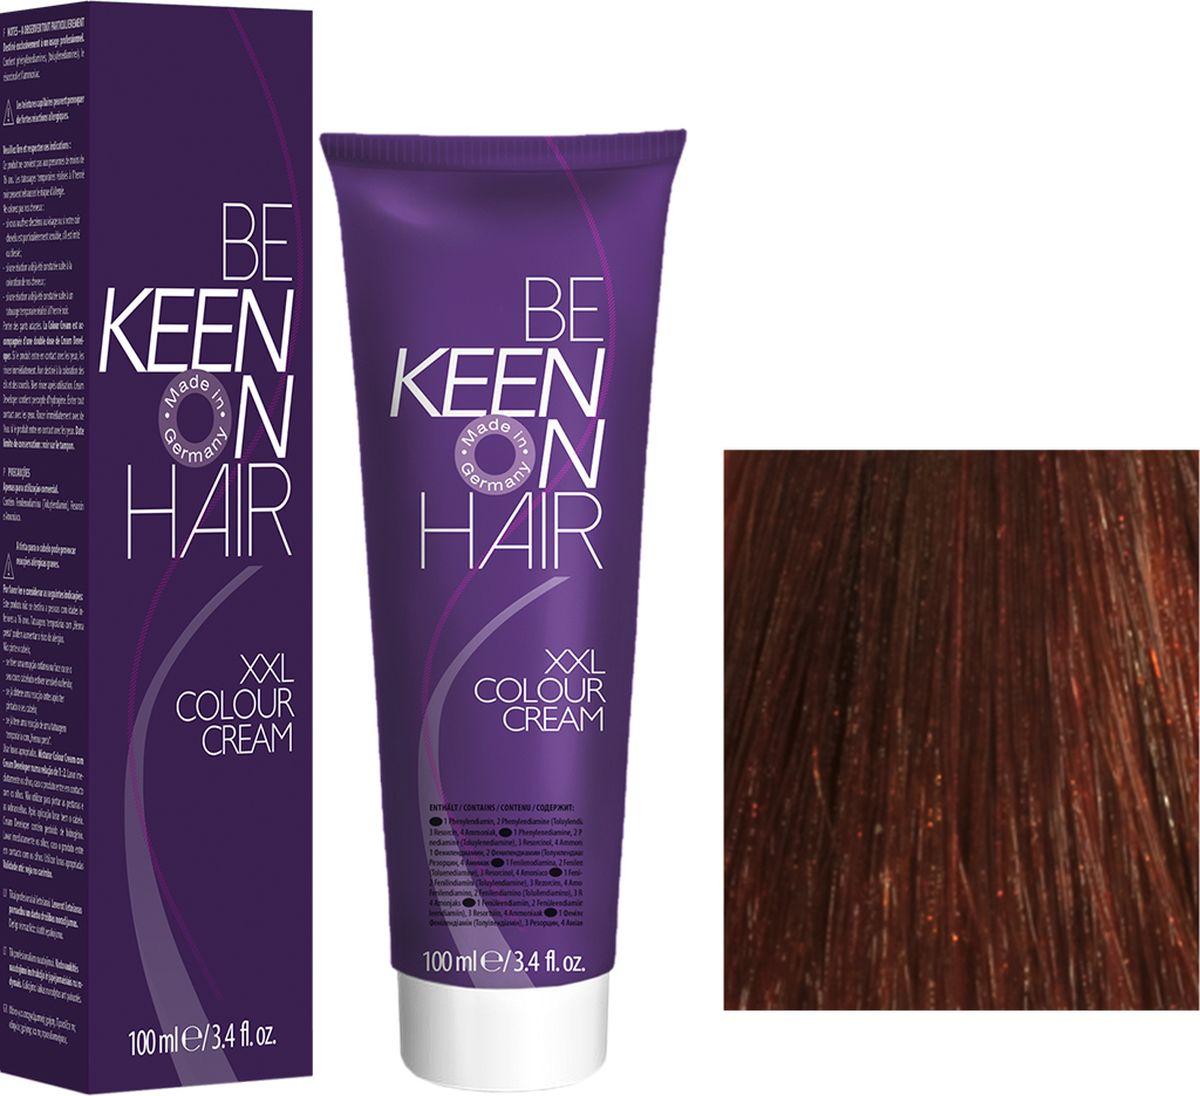 Keen Краска для волос 5.43 Светло-коричневый медно-золотистый Hellbraun Kupfer-Gold, 100 мл69100022Модные оттенкиБолее 100 оттенков для креативной комбинации цветов.ЭкономичностьПри использовании тюбика 100 мл вы получаете оптимальное соотношение цены и качества!УходМолочный белок поддерживает структуру волоса во время окрашивания и придает волосам блеск и шелковистость. Протеины хорошо встраиваются в волосы и снабжают их влагой.